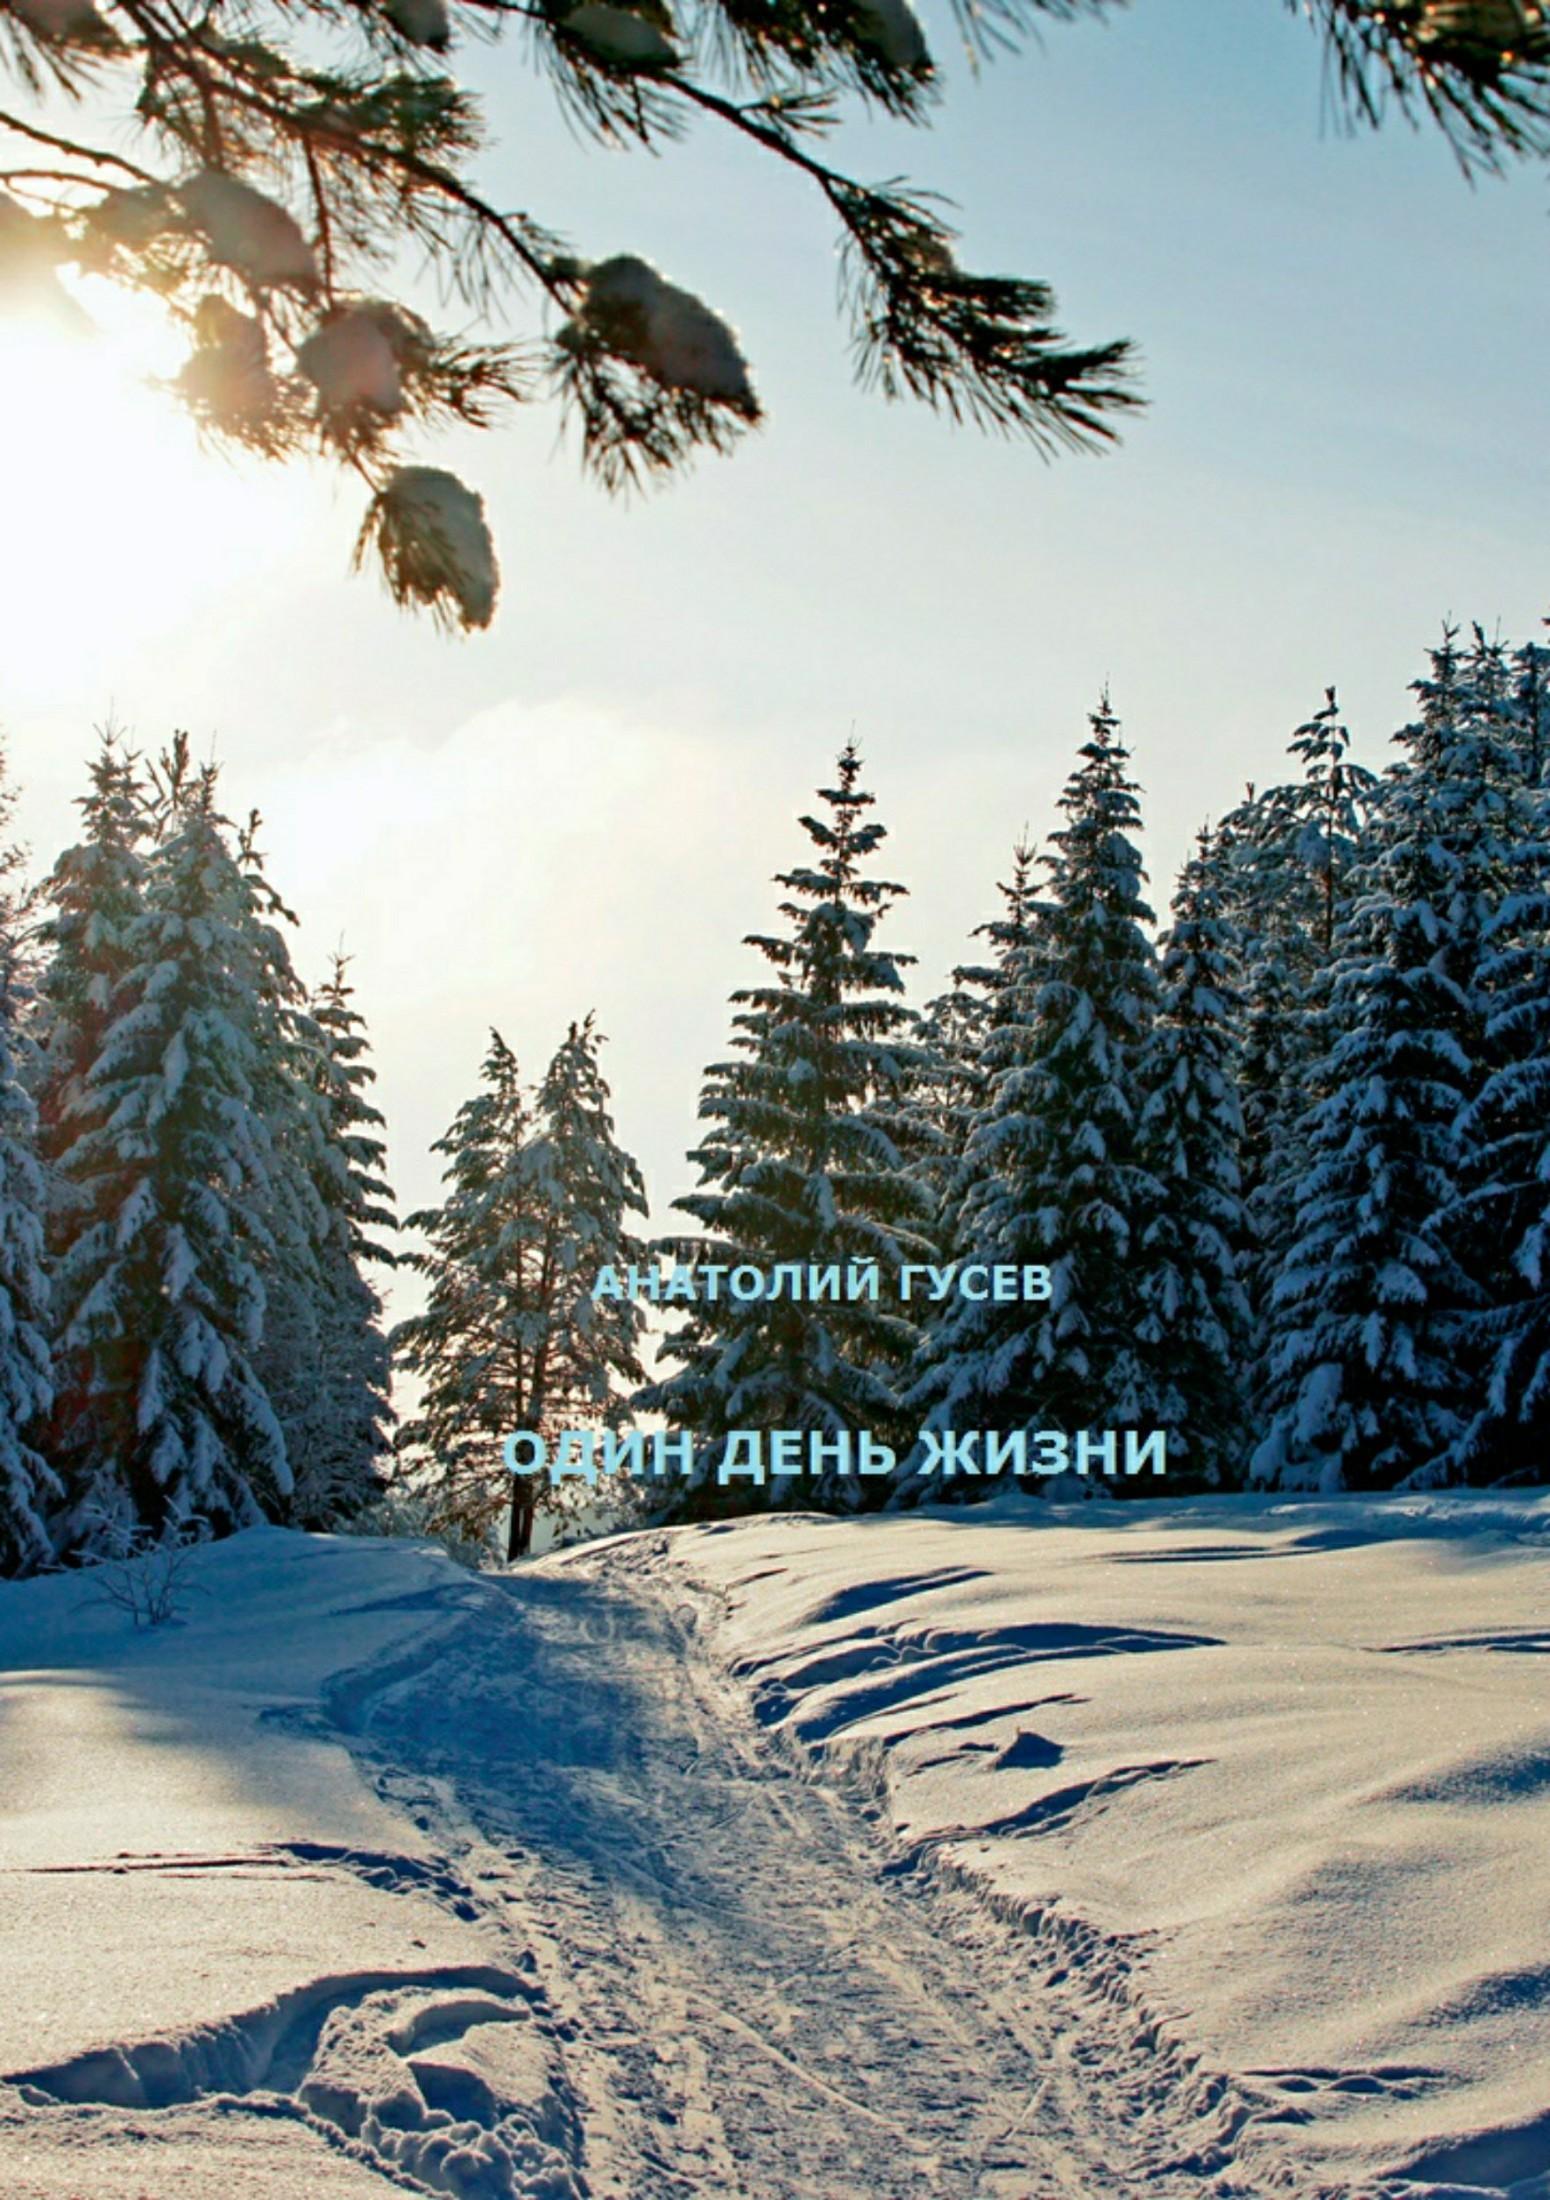 Анатолий Алексеевич Гусев. Один день жизни